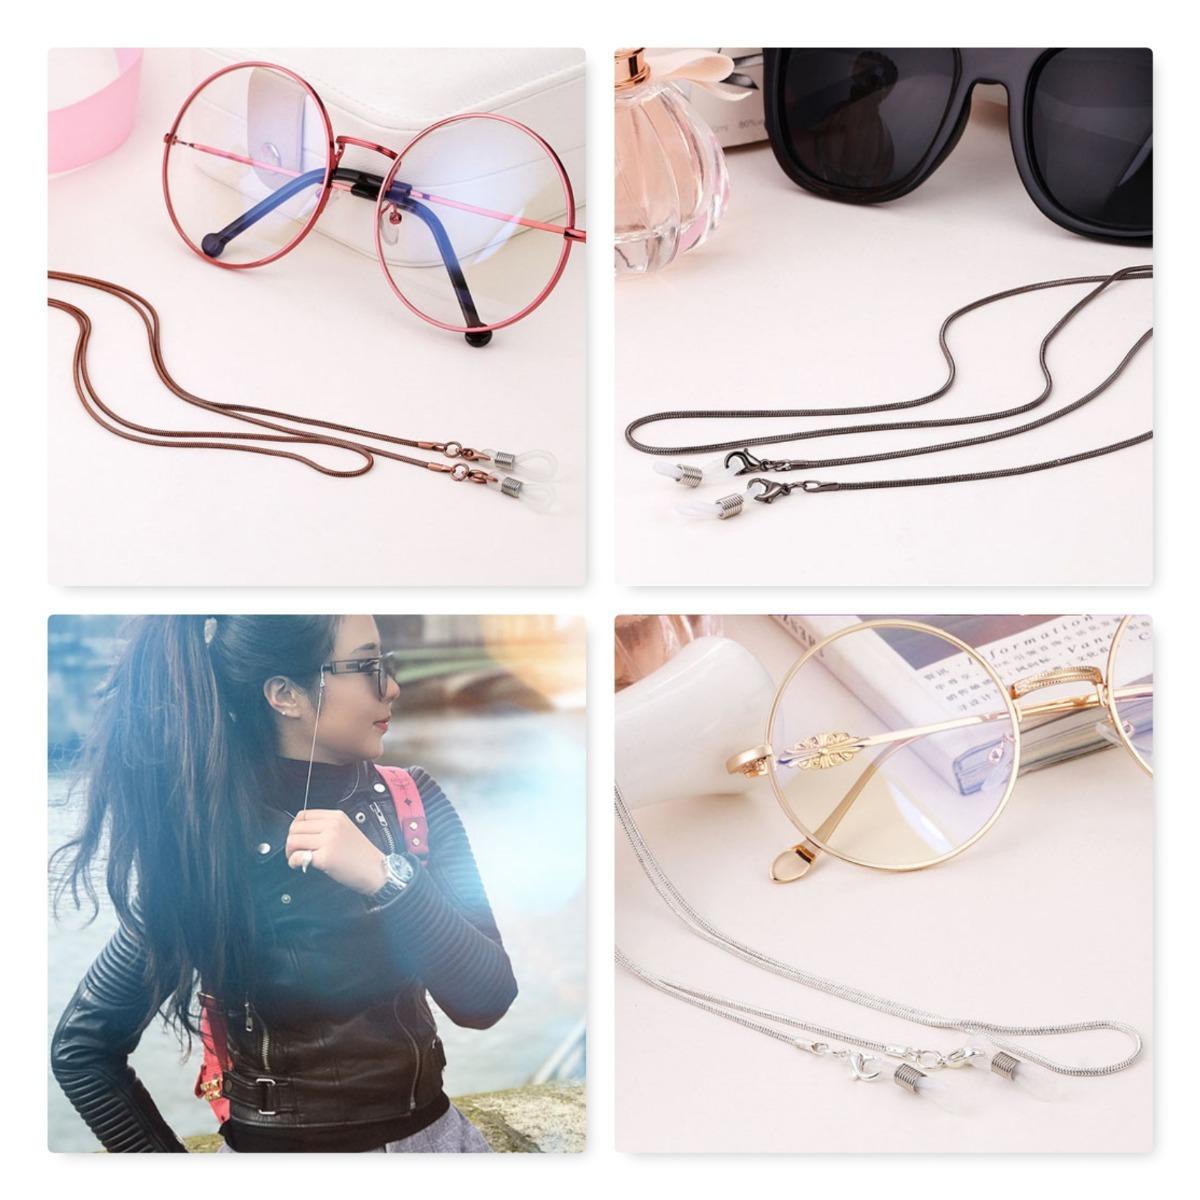 cordão corrente p  óculos salva óculos correntinha em cobre. Carregando  zoom. 811b8744af